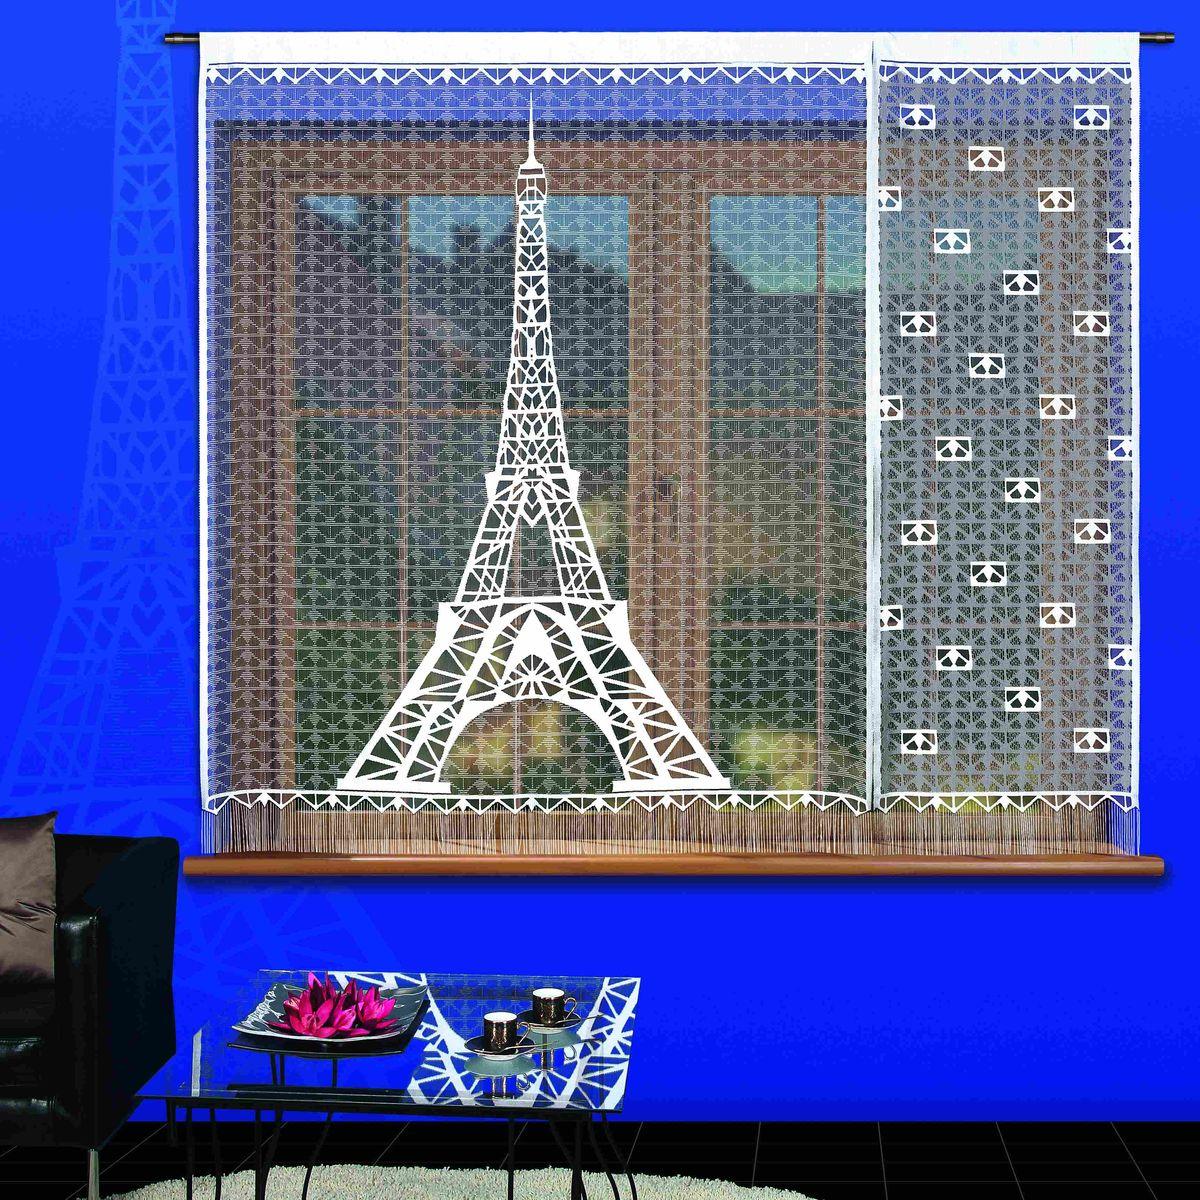 Гардина-панно Wisan Paryz, цвет: белый, черный, высота 180 см, 2 штSVC-300Воздушная гардина-панно Wisan Paryz, изготовленная из полиэстера, станет великолепным украшением любого окна. Изделие состоит из двух частей. Оригинальный принт в виде Эйфелевой башни и приятная цветовая гамма привлекут к себе внимание и органично впишутся в интерьер комнаты. Снизу гардина оформлена бахромой. Верхняя часть гардины не оснащена креплениями. Размер частей панно: 150 см х 180 см, 60 см х 180 см.